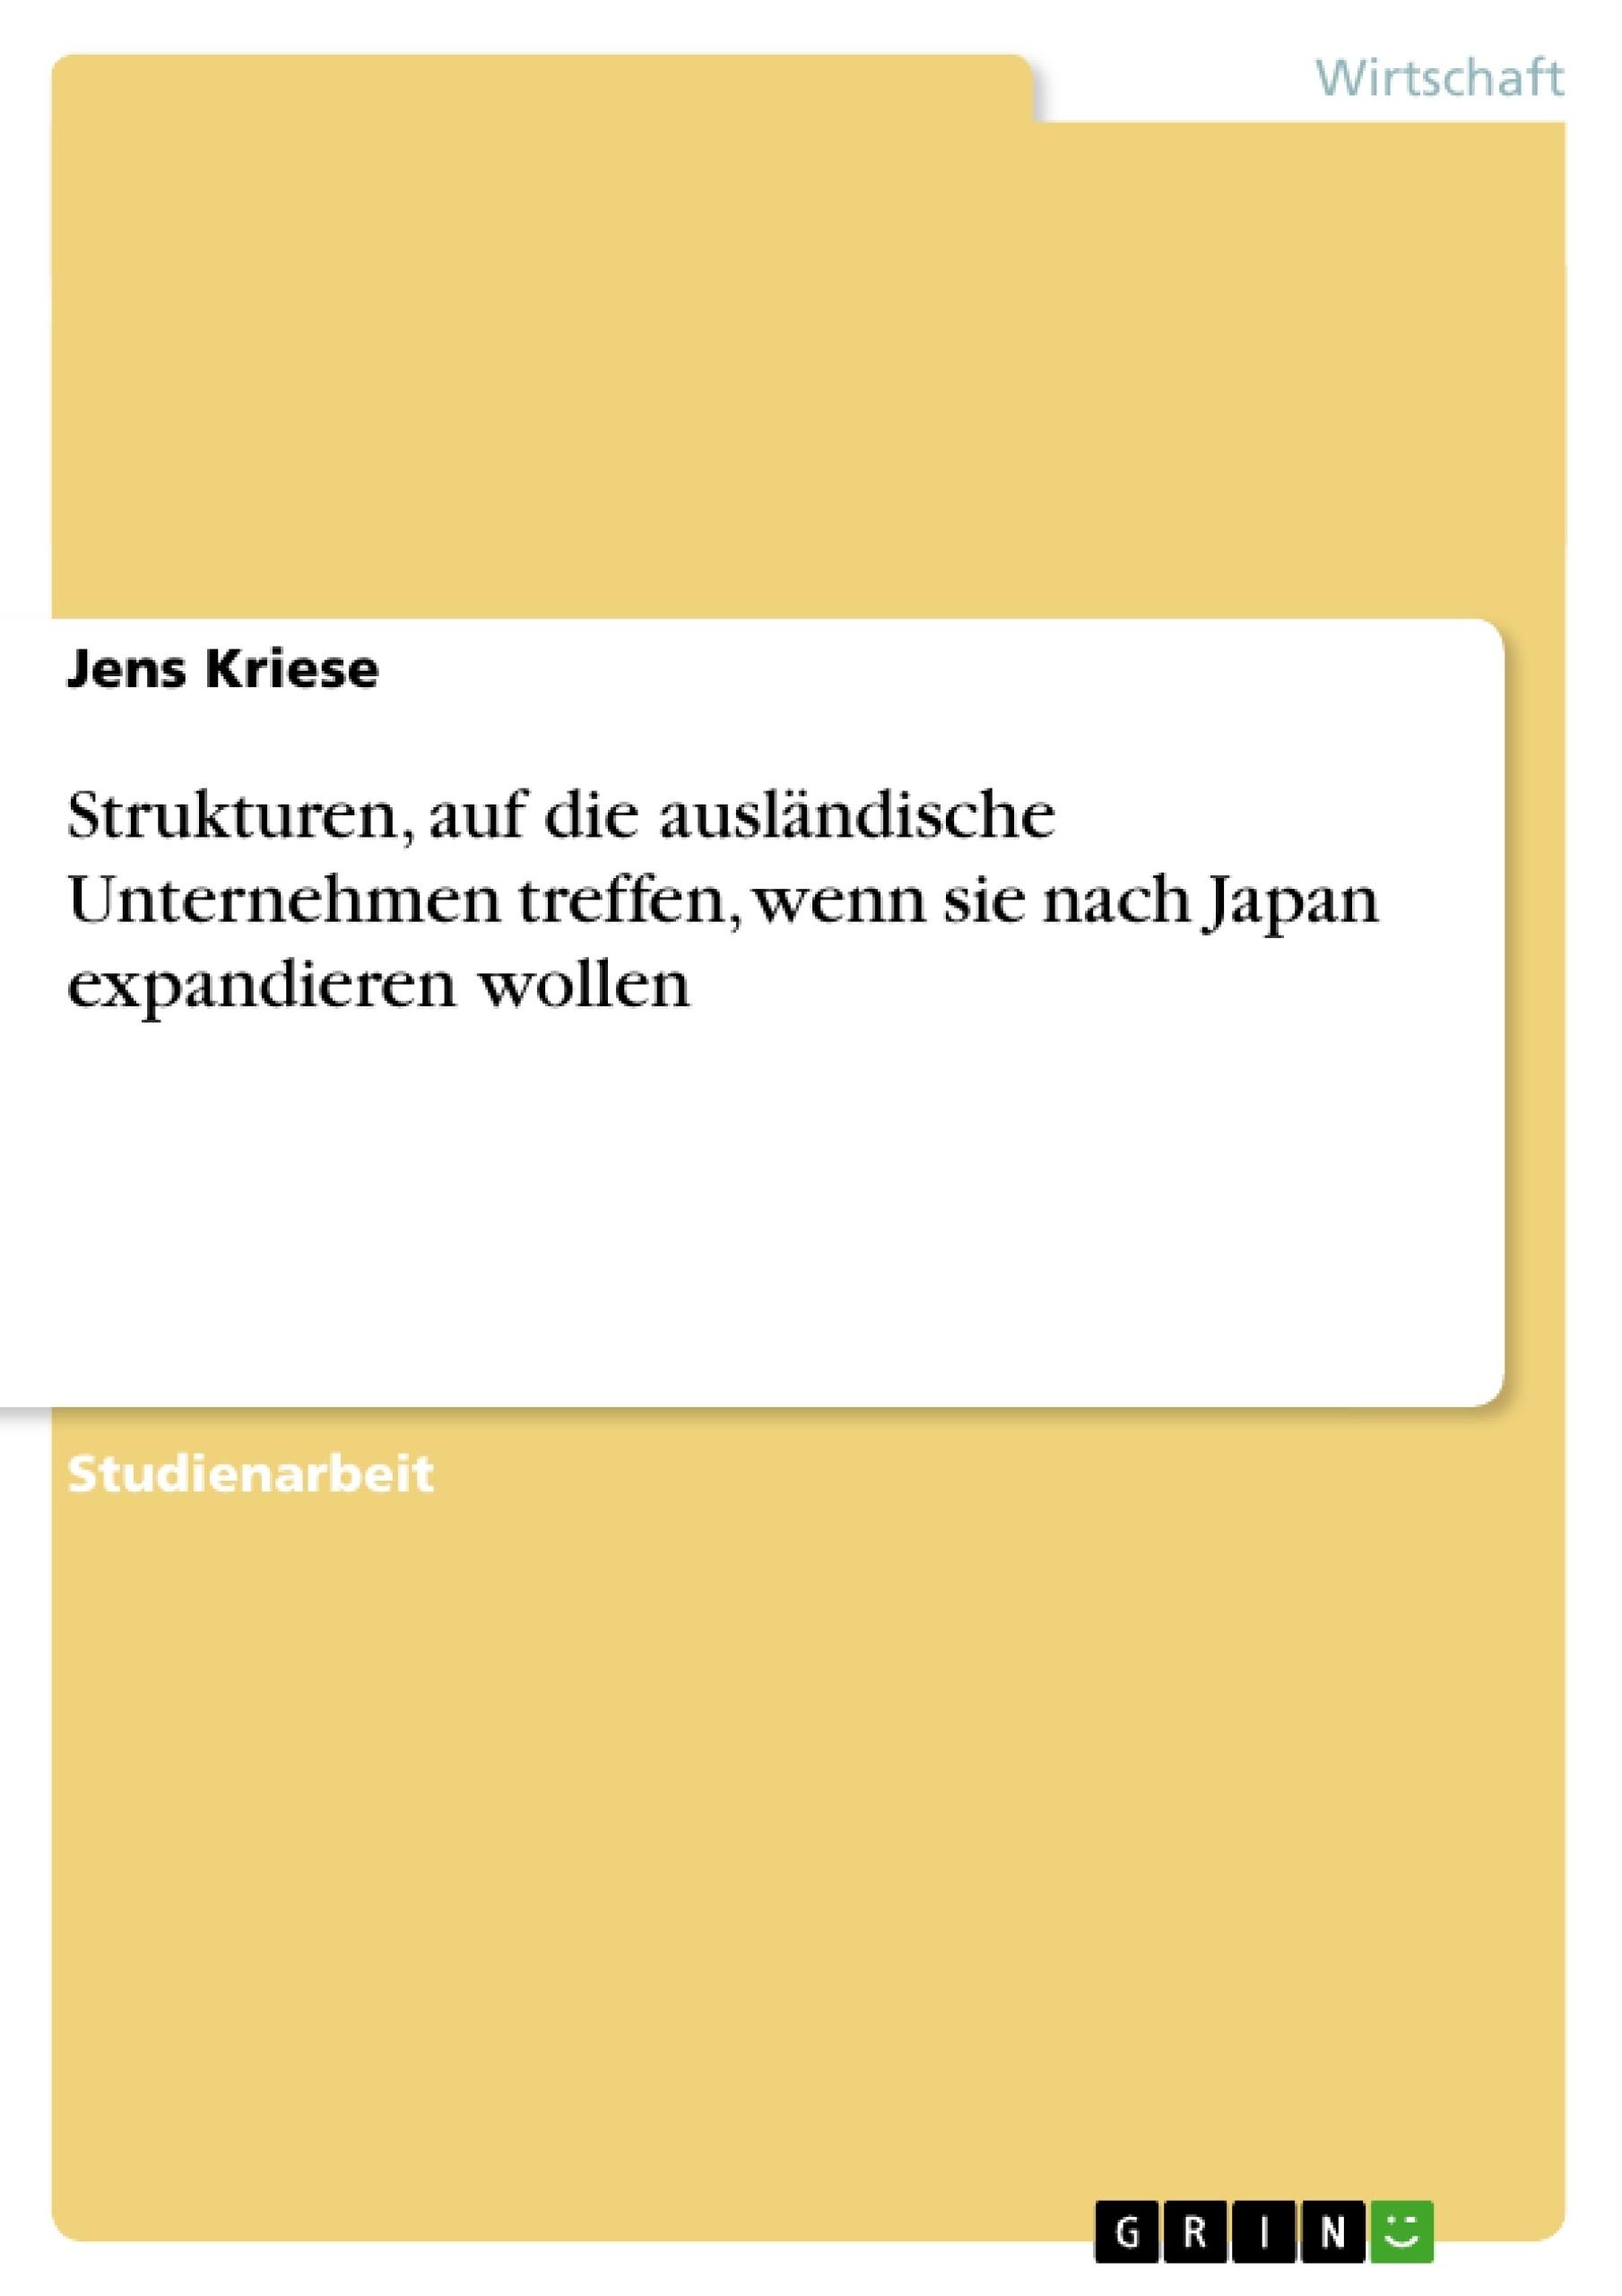 Titel: Strukturen, auf die ausländische Unternehmen treffen, wenn sie nach Japan expandieren wollen